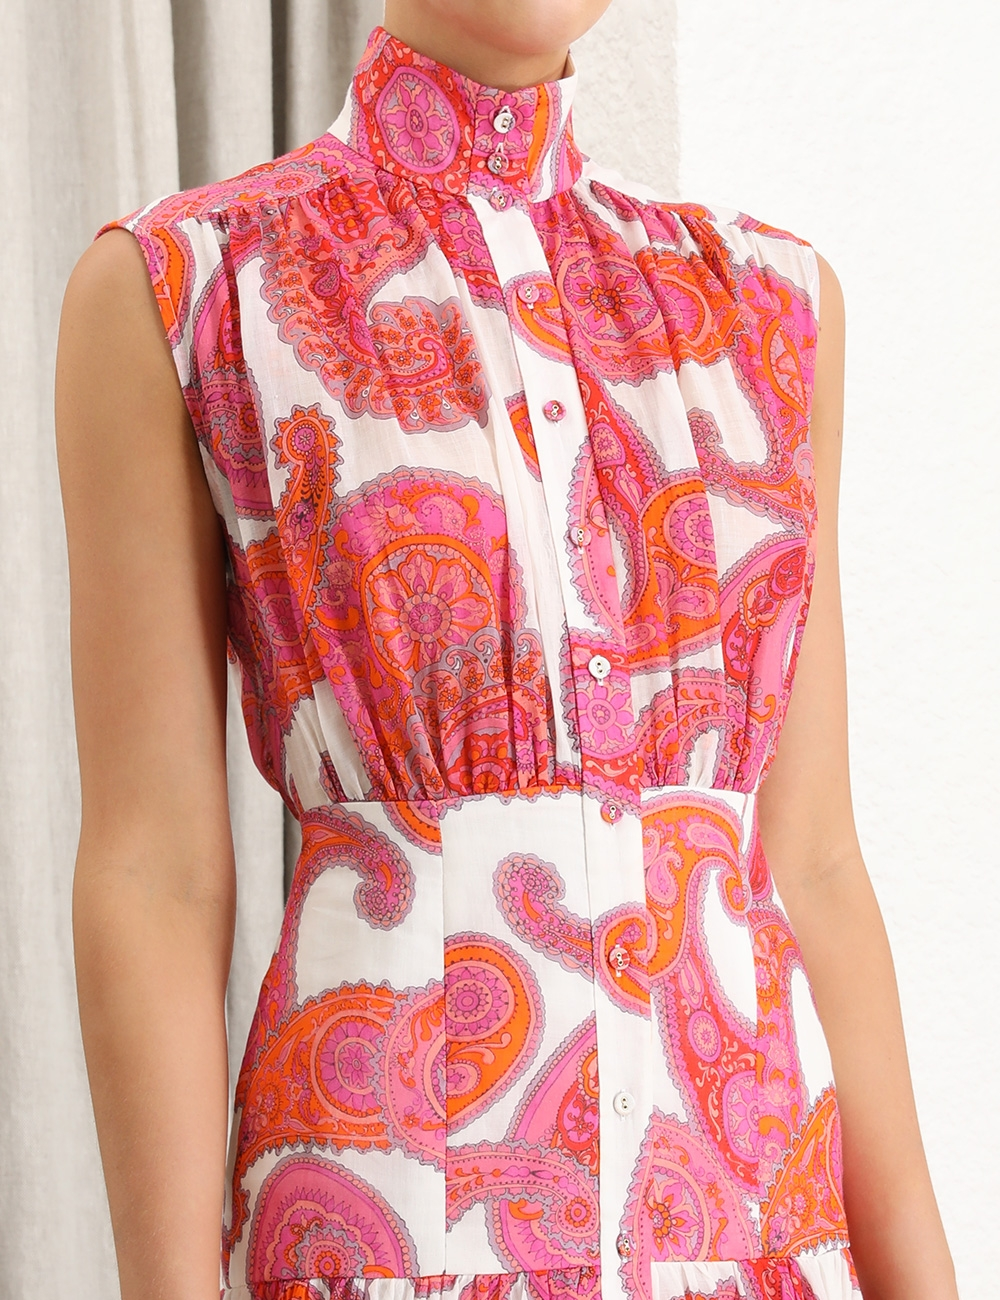 Peggy Sleeveless Shirt Dress